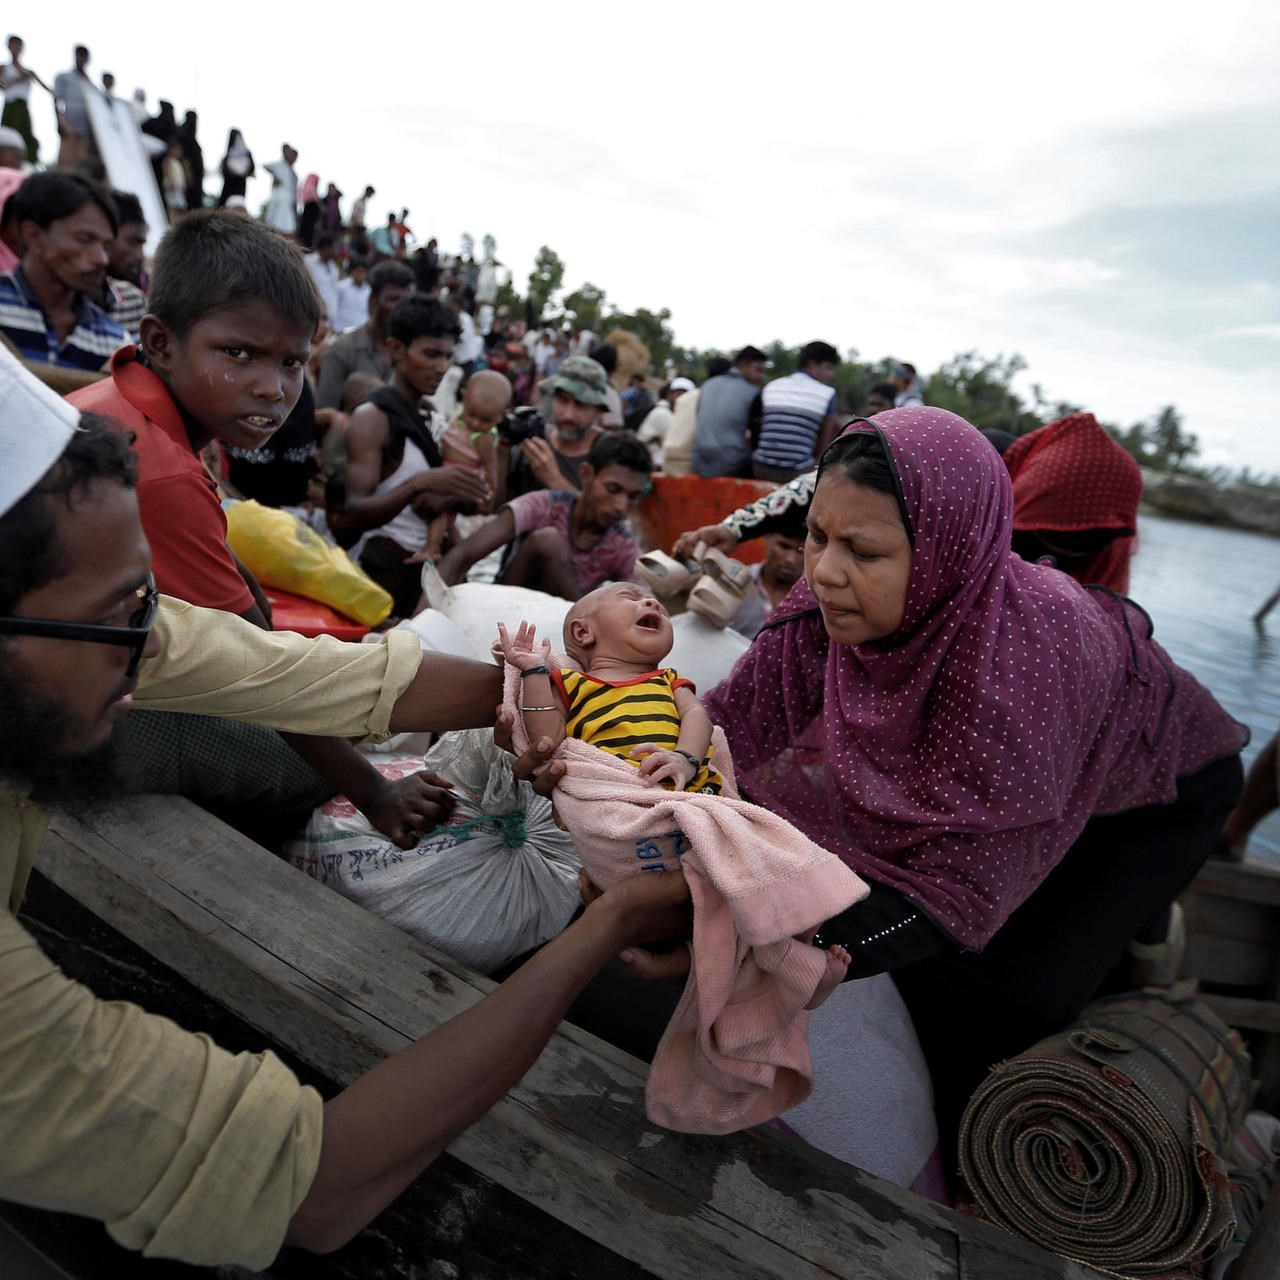 نقل لاجئي روهينغا إلى جزيرة قد تختفي في أي لحظة